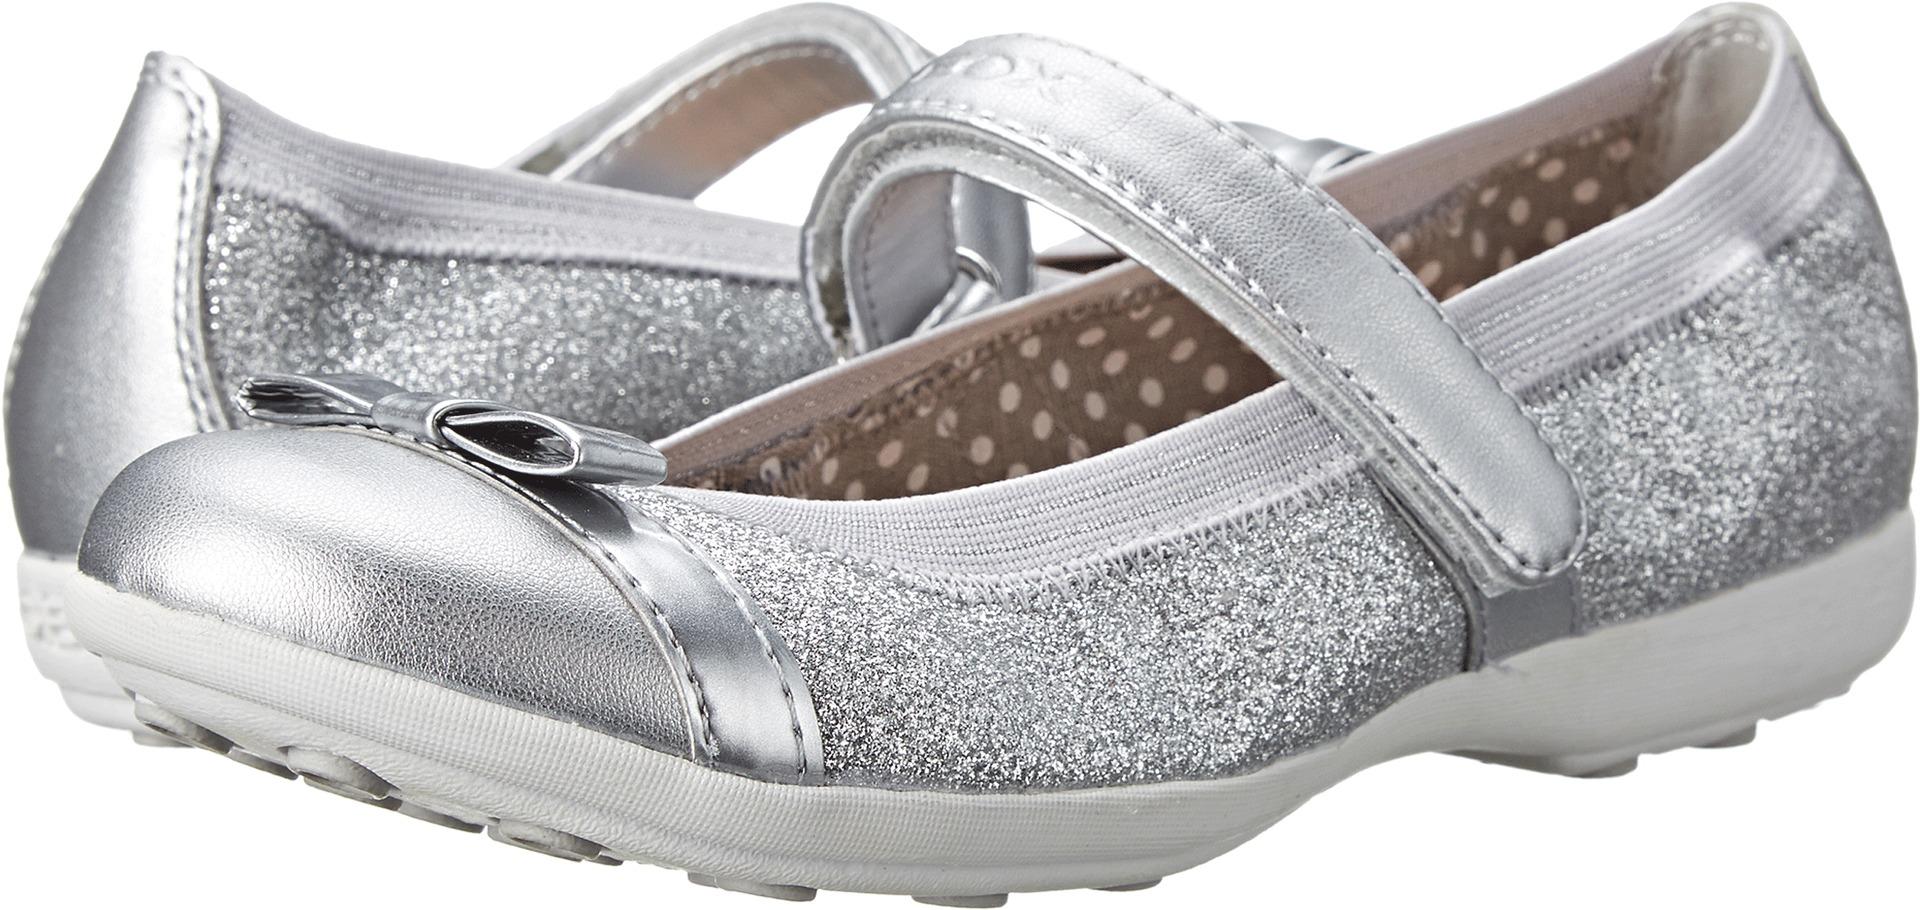 Geox Shoe Size True Kids